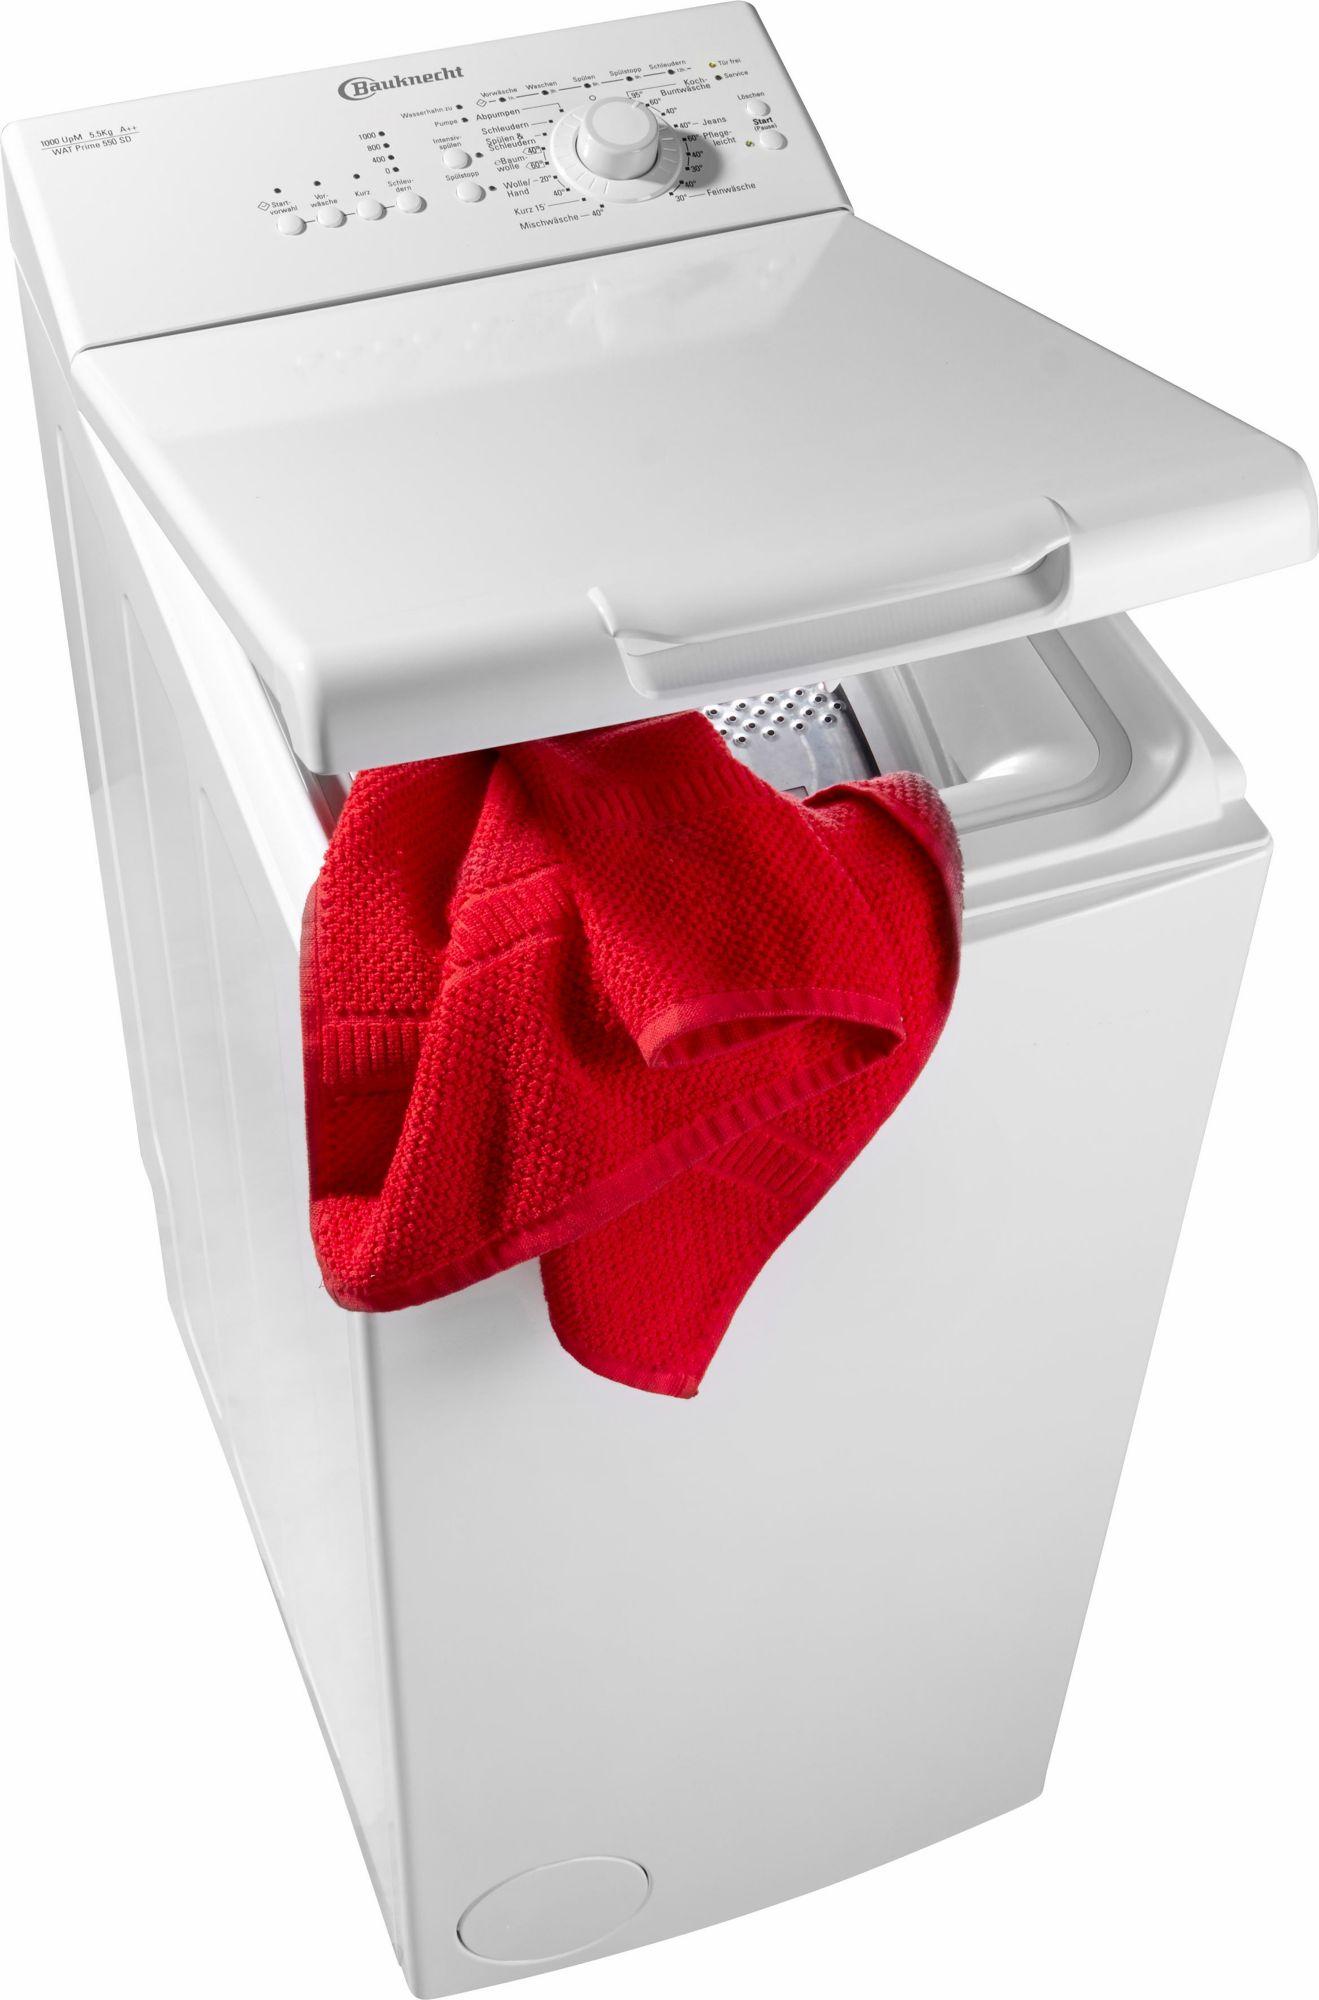 BAUKNECHT  Waschmaschine Toplader WAT Prime 550 SD, A++, 5,5 kg, 1000 U/Min